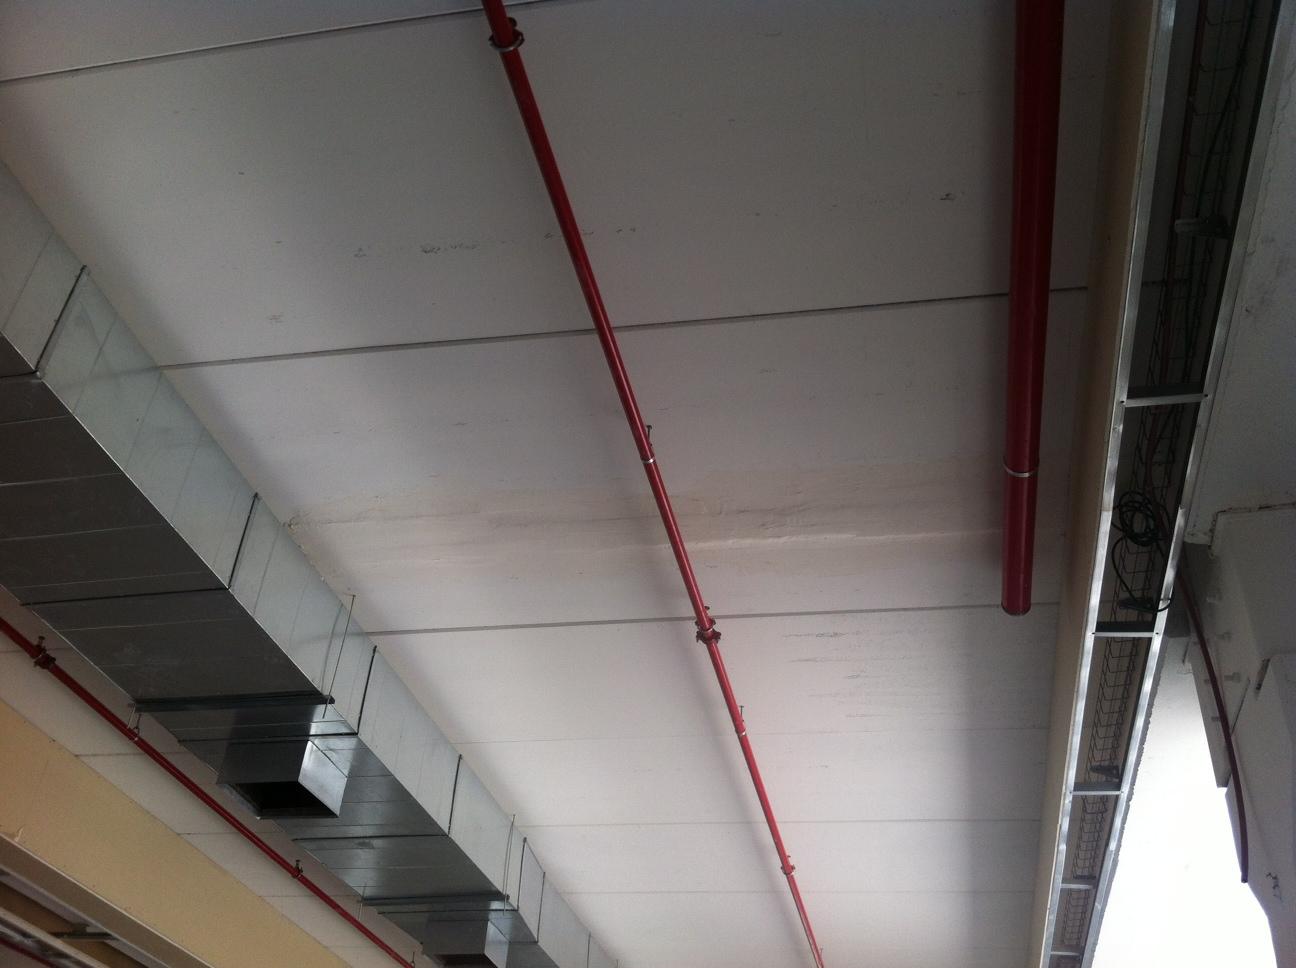 פלטות תקרה - יחידות טרומיות